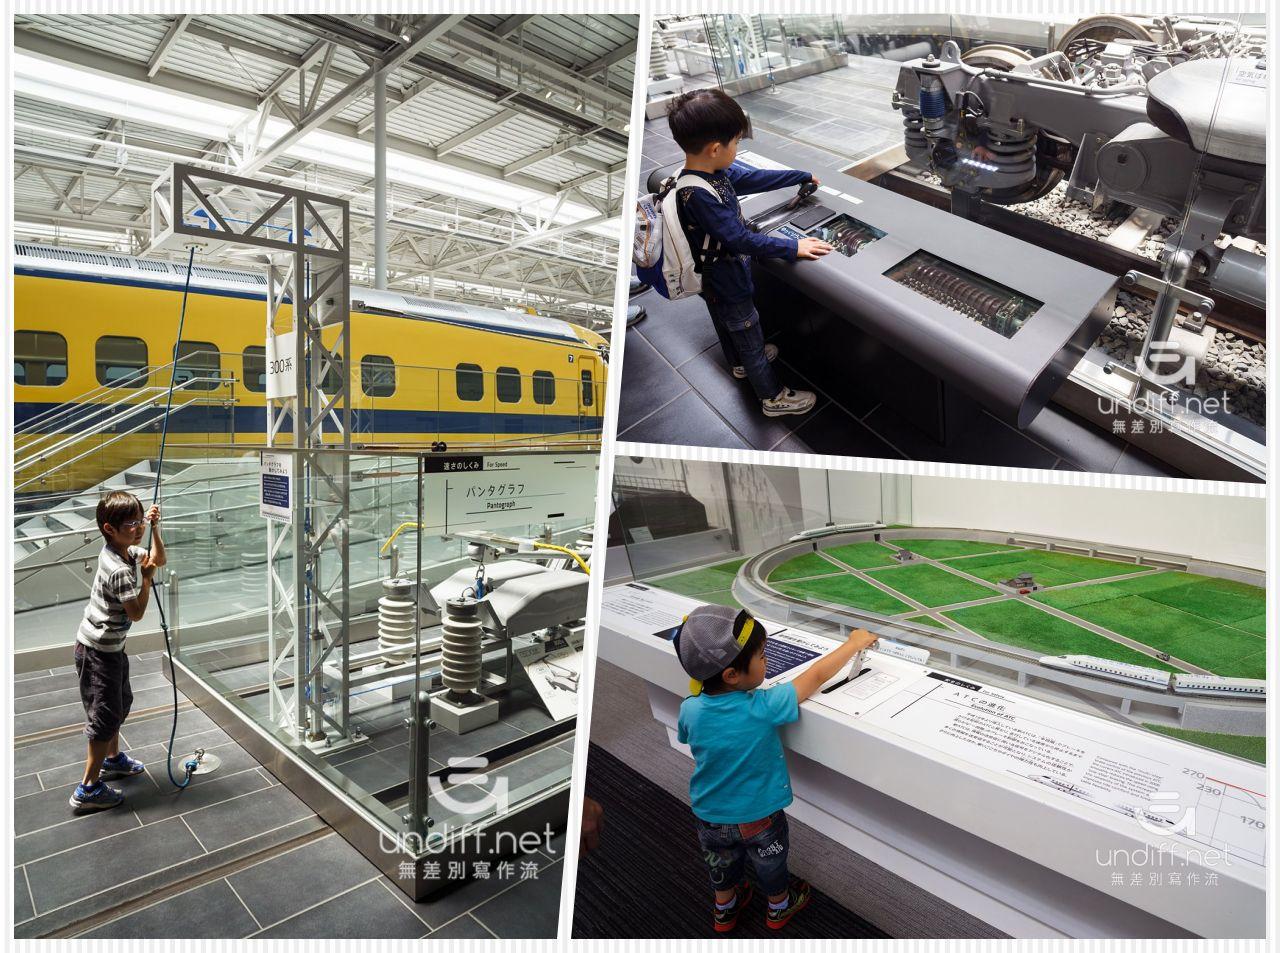 【名古屋景點】JR磁浮鐵道館 》體驗鐵道歷史與科技進步的軌跡 52